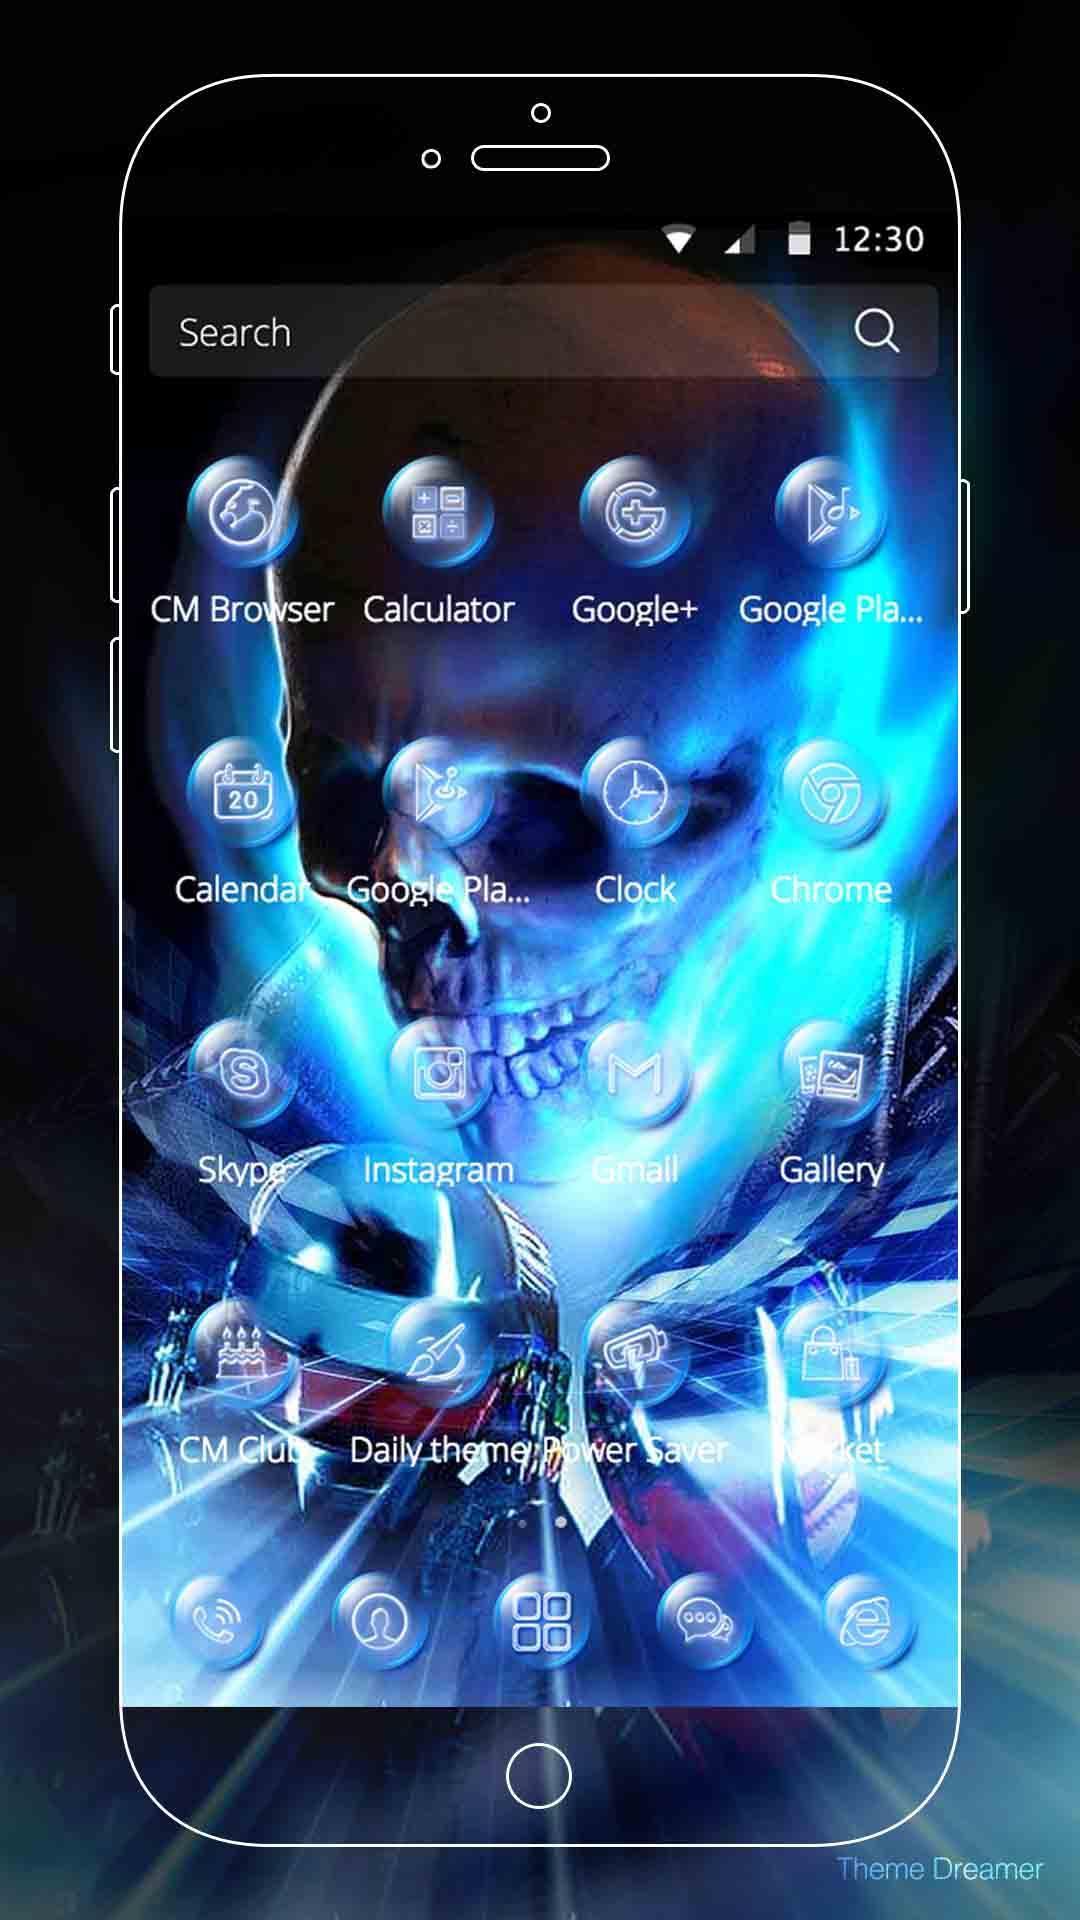 Android 用の 悪魔ライダーテーマの壁紙 Apk をダウンロード